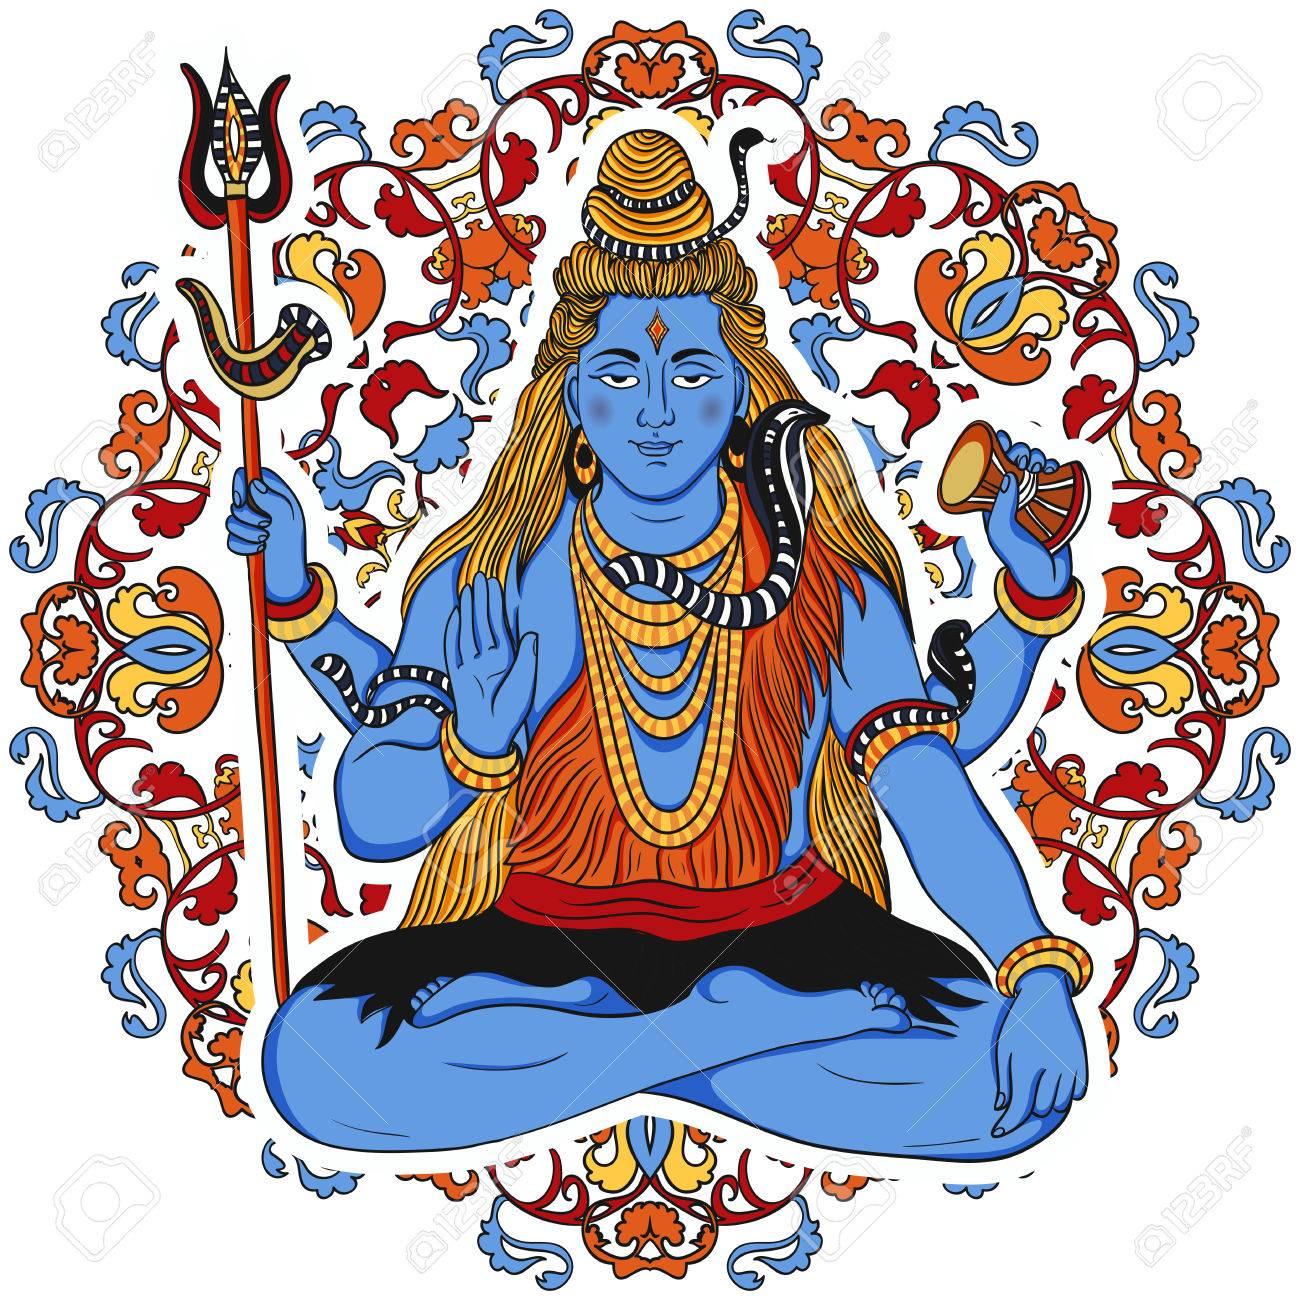 Banque dimages indian dieu shiva sur fleuri mandala fond concept design pour t shirt imprimé affiche carte dessiné à la main vintage illustration